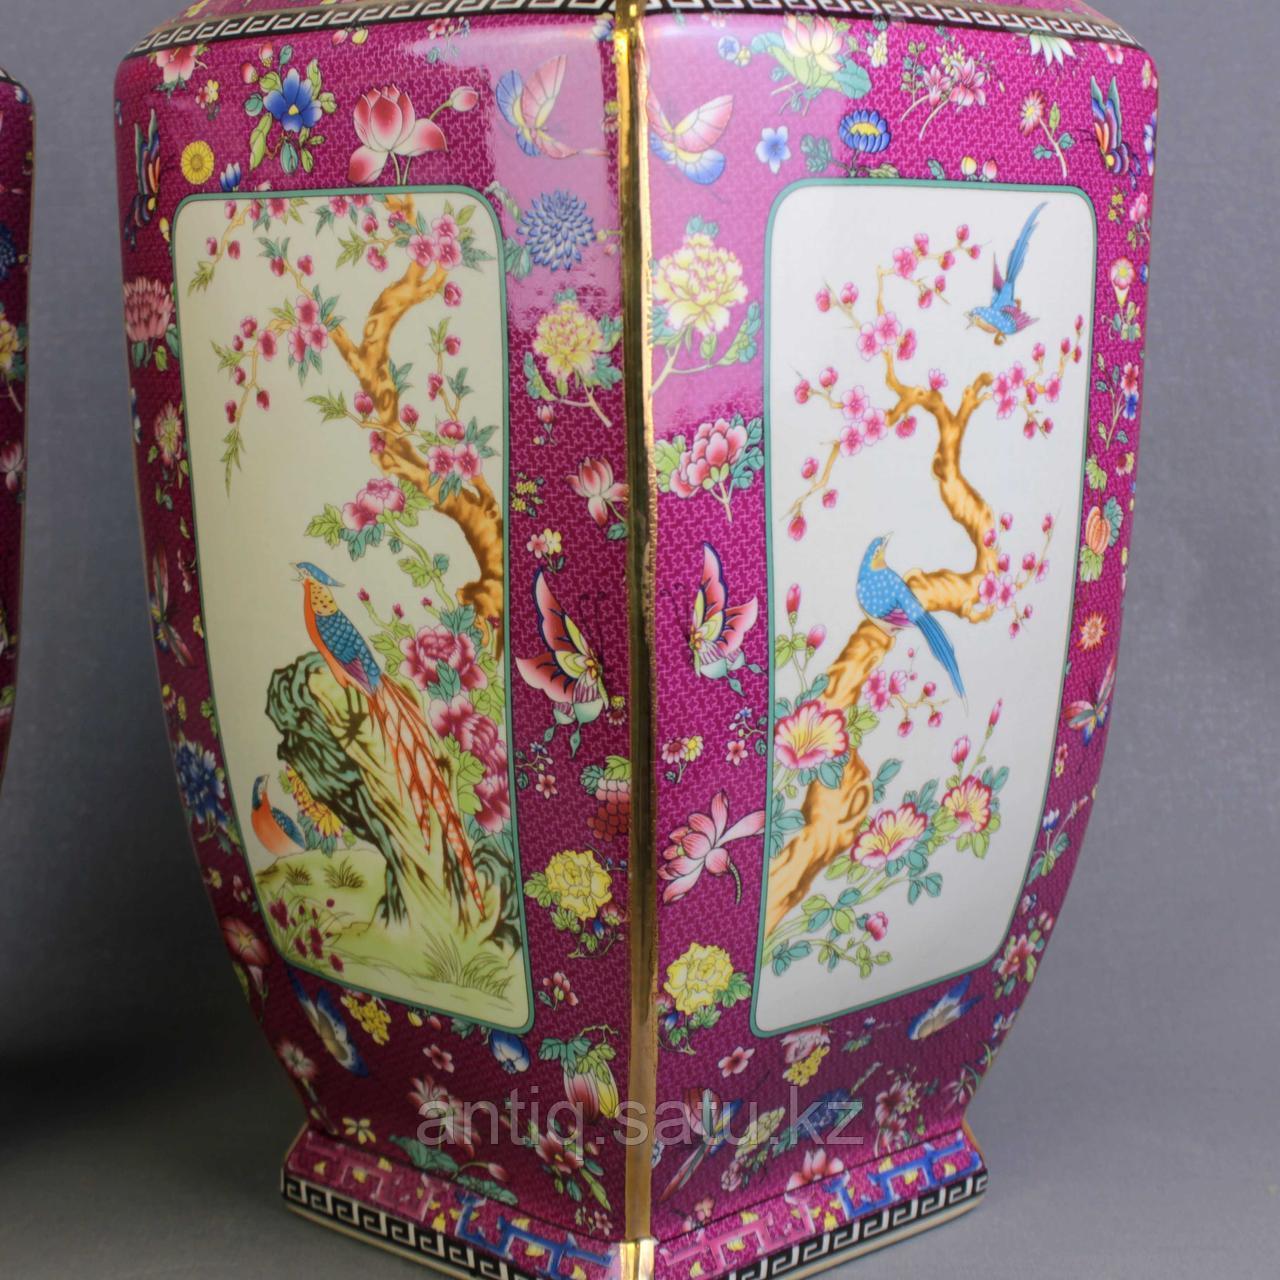 Бордовые вазы с бабочками. - фото 5